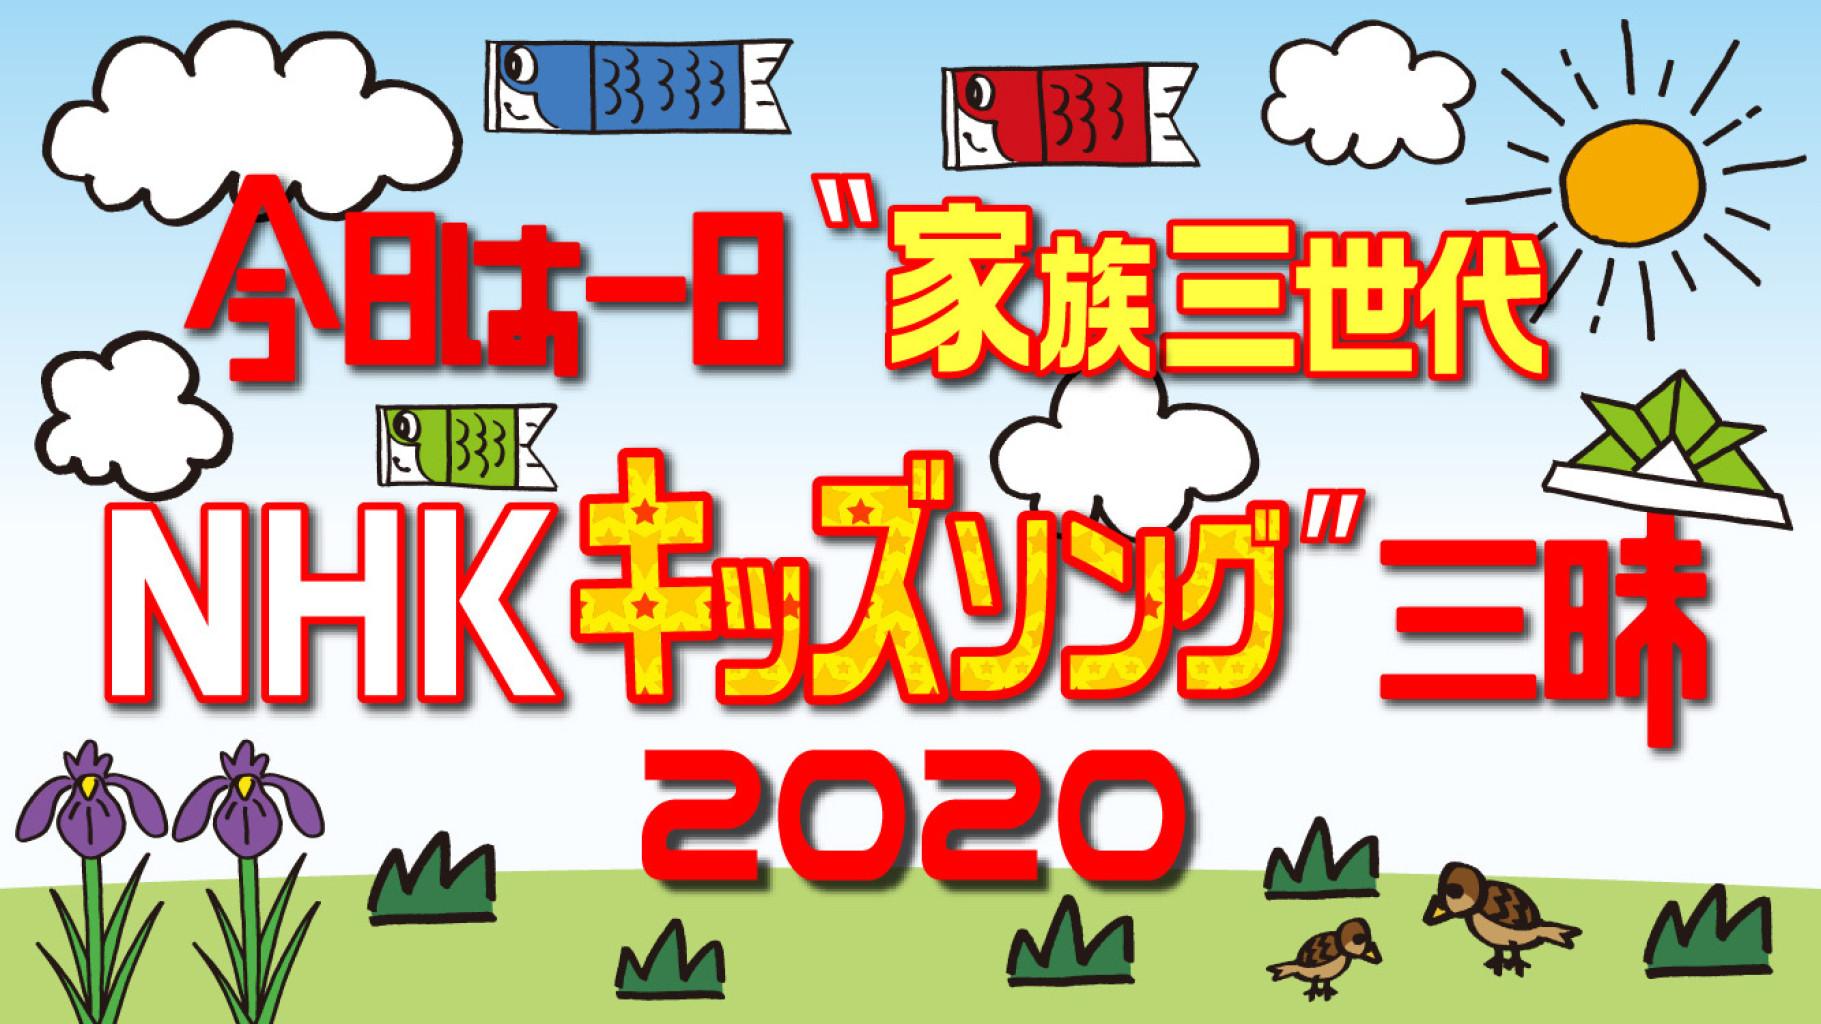 【お知らせ】NHKキッズソング三昧に、おねんどお姉さんゲスト出演!